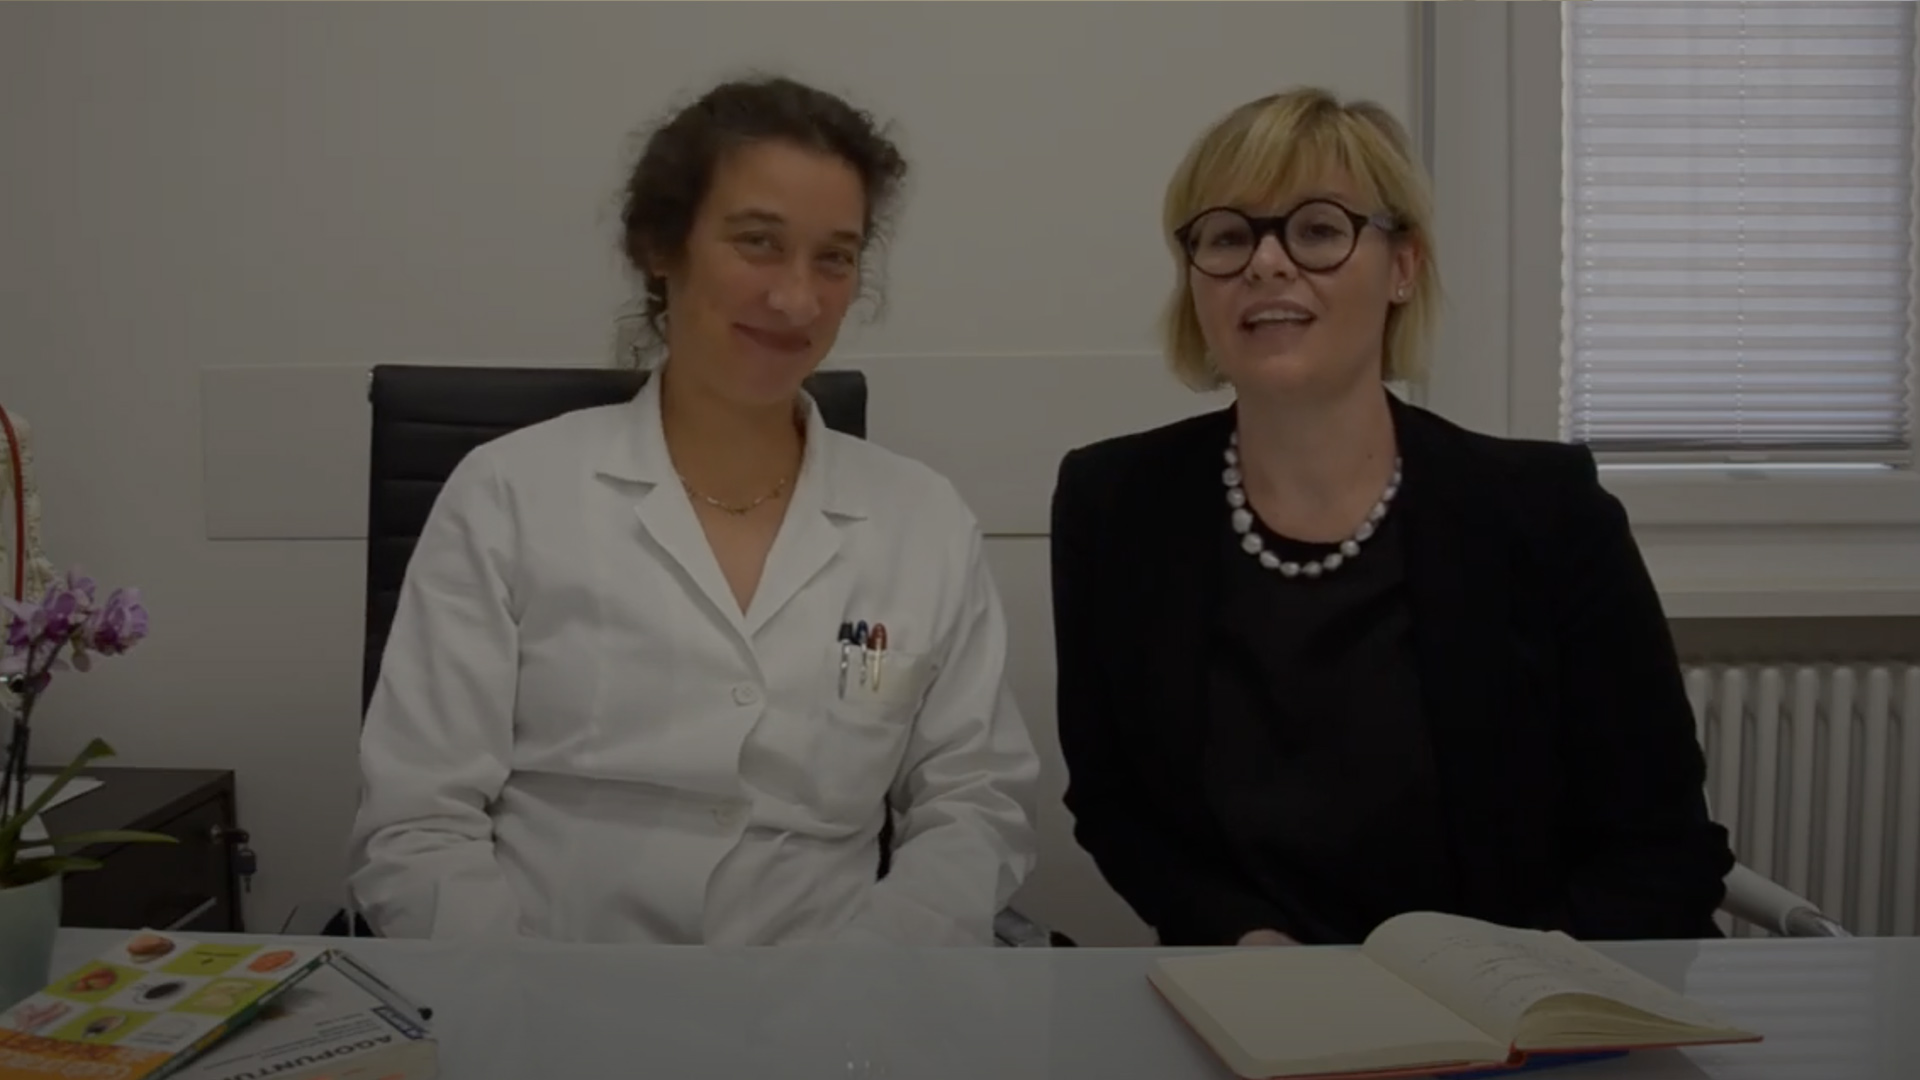 intervista la Dottoressa Sara Castagnoli sul tema della dieta monoalimento e dieta dissociata.